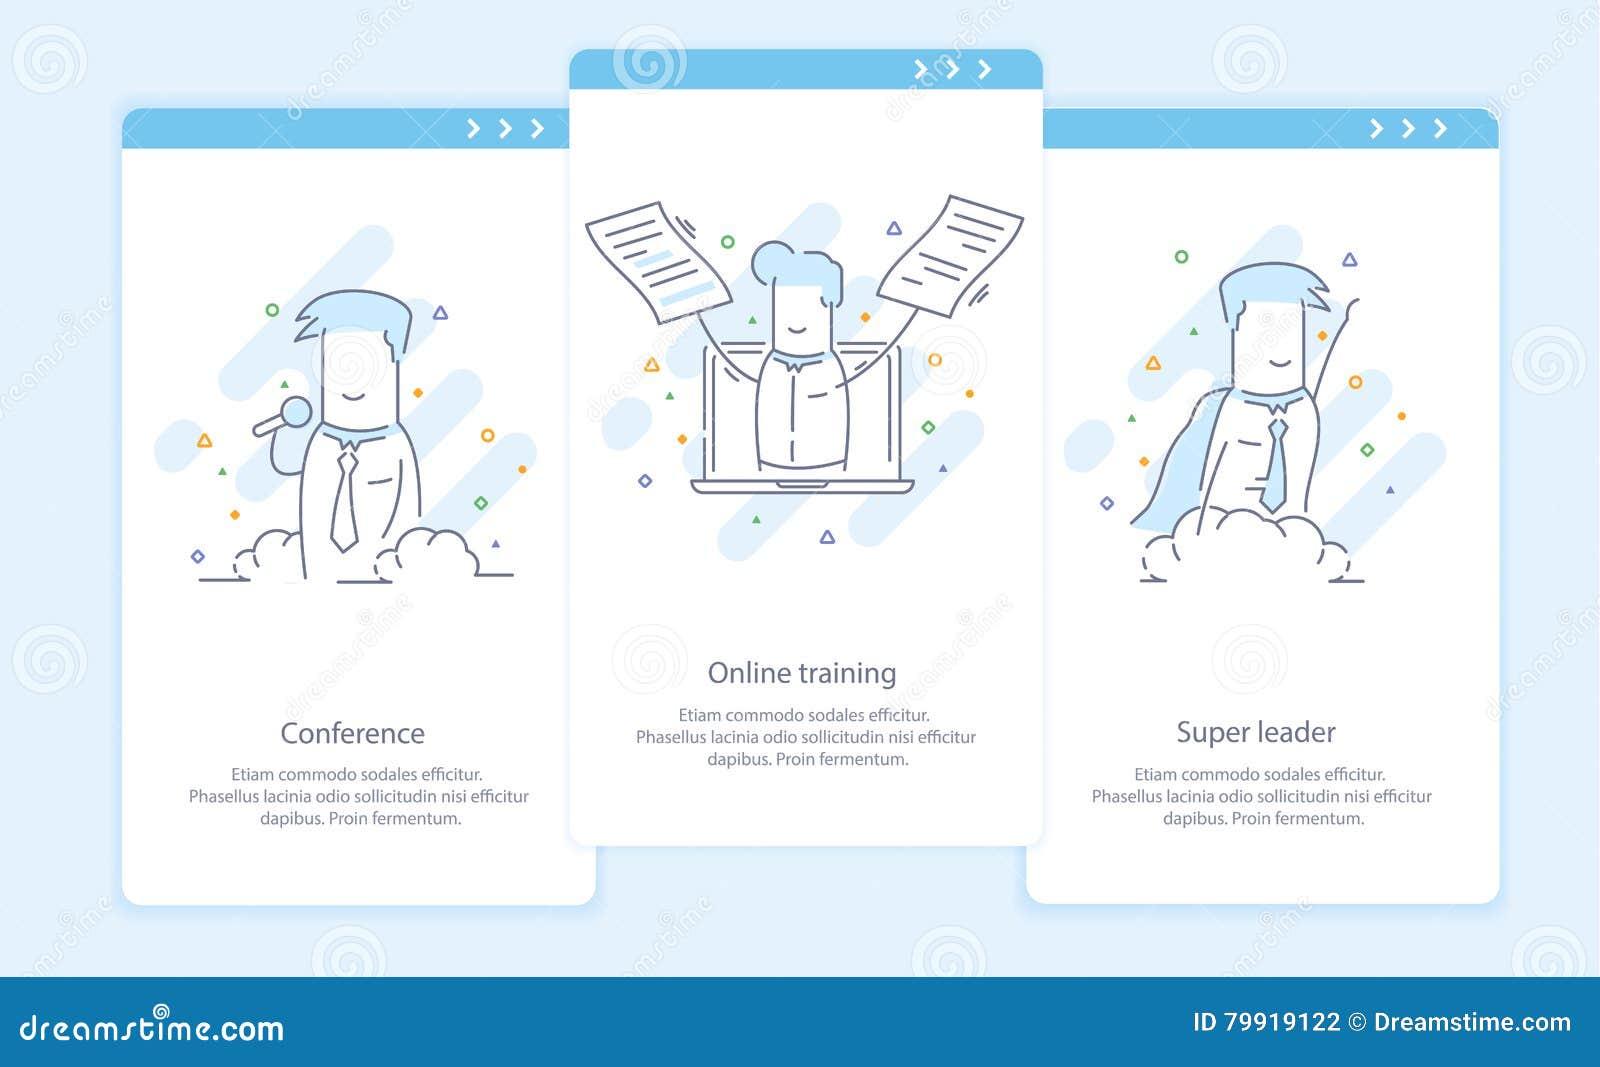 Наградная качественная линия значок и концепция установленное Onboarding: Конференция, онлайн обучение, супер руководитель, бизне